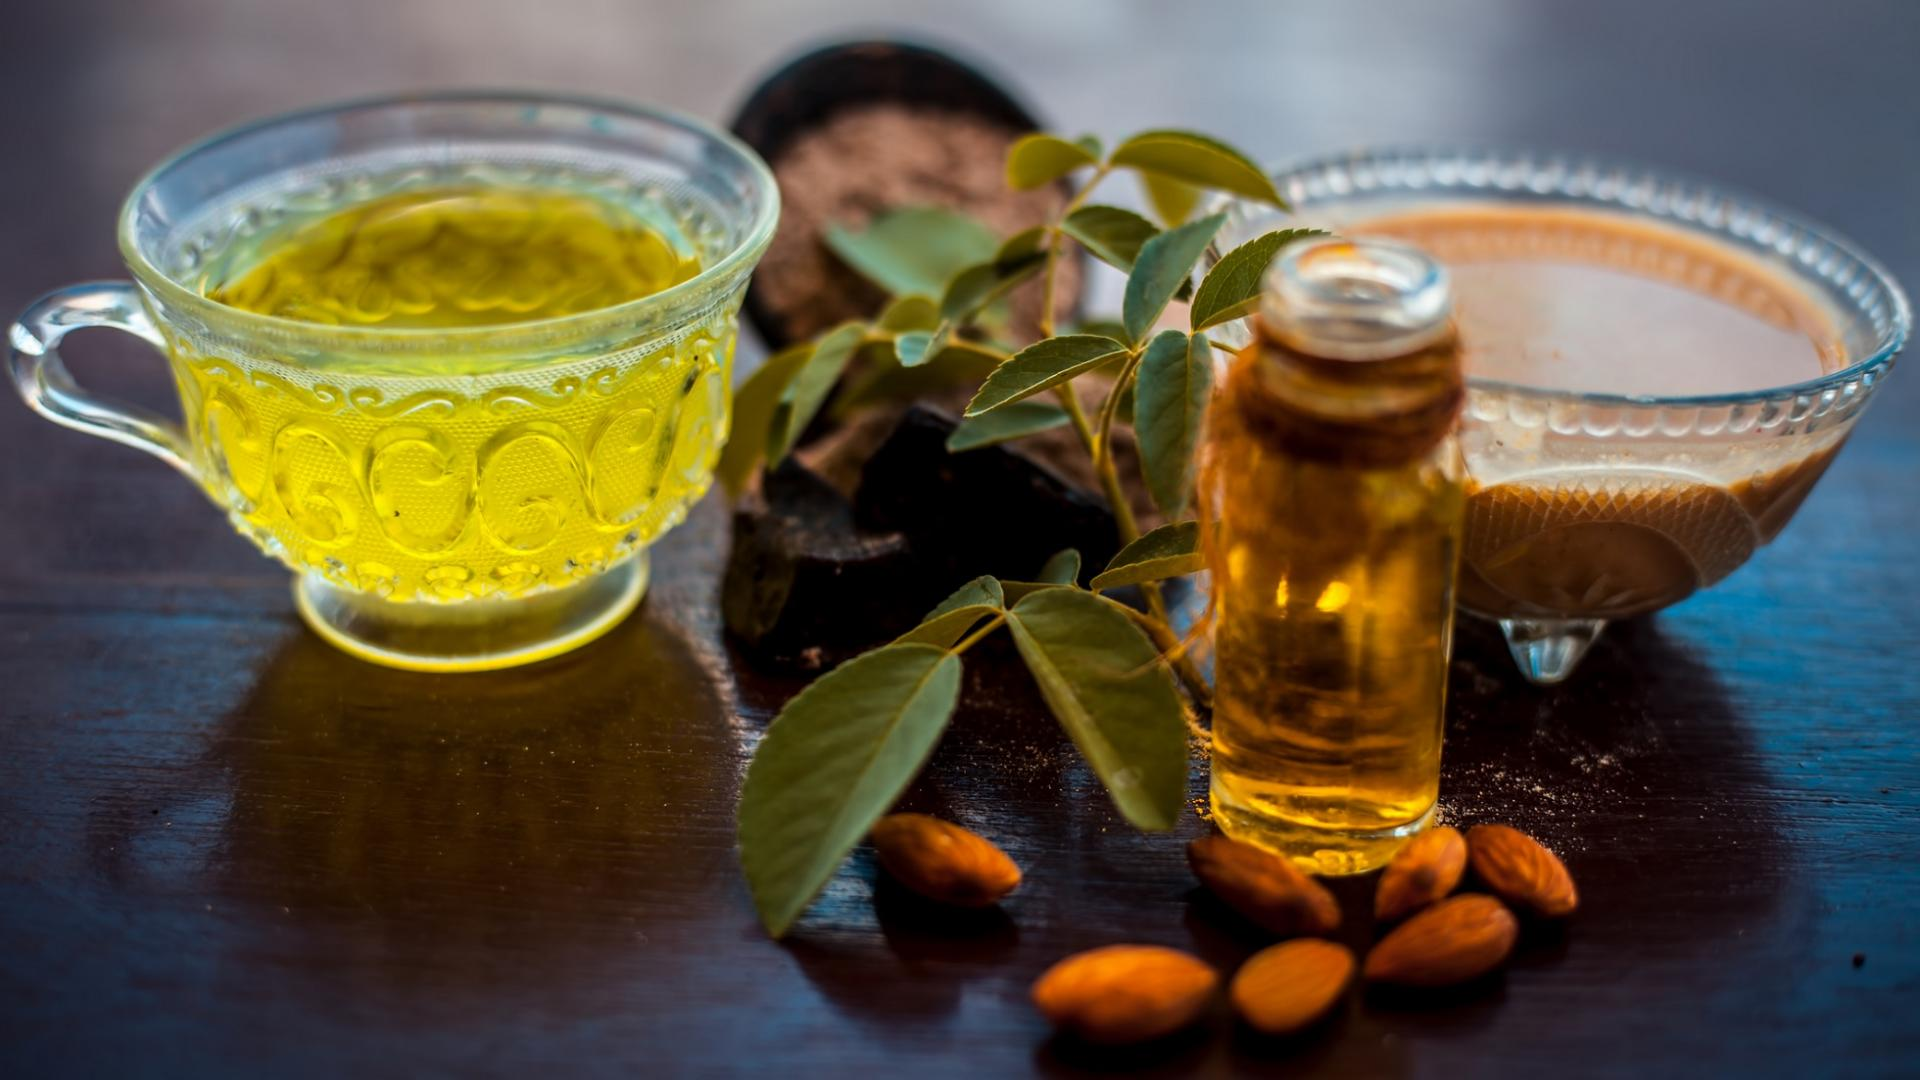 hausgemachte haarspülung auf einer Holzoberfläche: grüner tee, nussöl und kaffeee